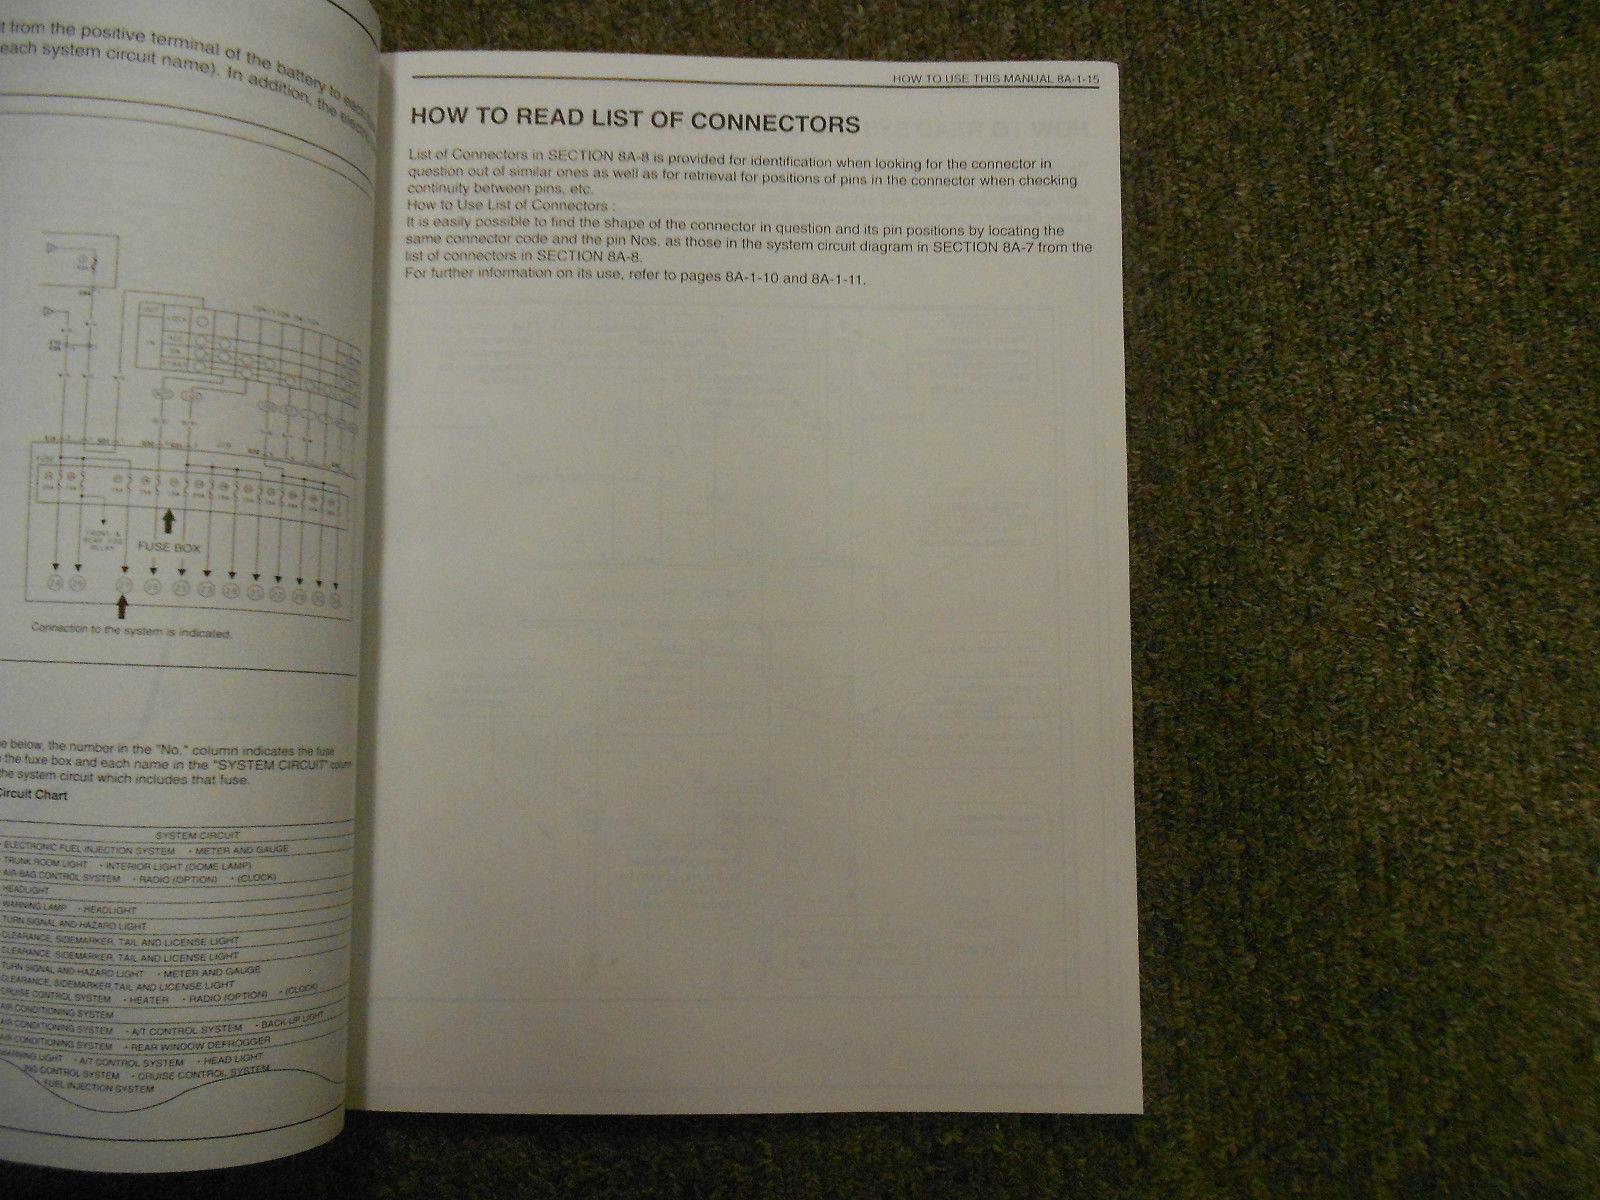 suzuki esteem fuse box diagram 1995 suzuki esteem wiring diagram shop and 50 similar items  1995 suzuki esteem wiring diagram shop